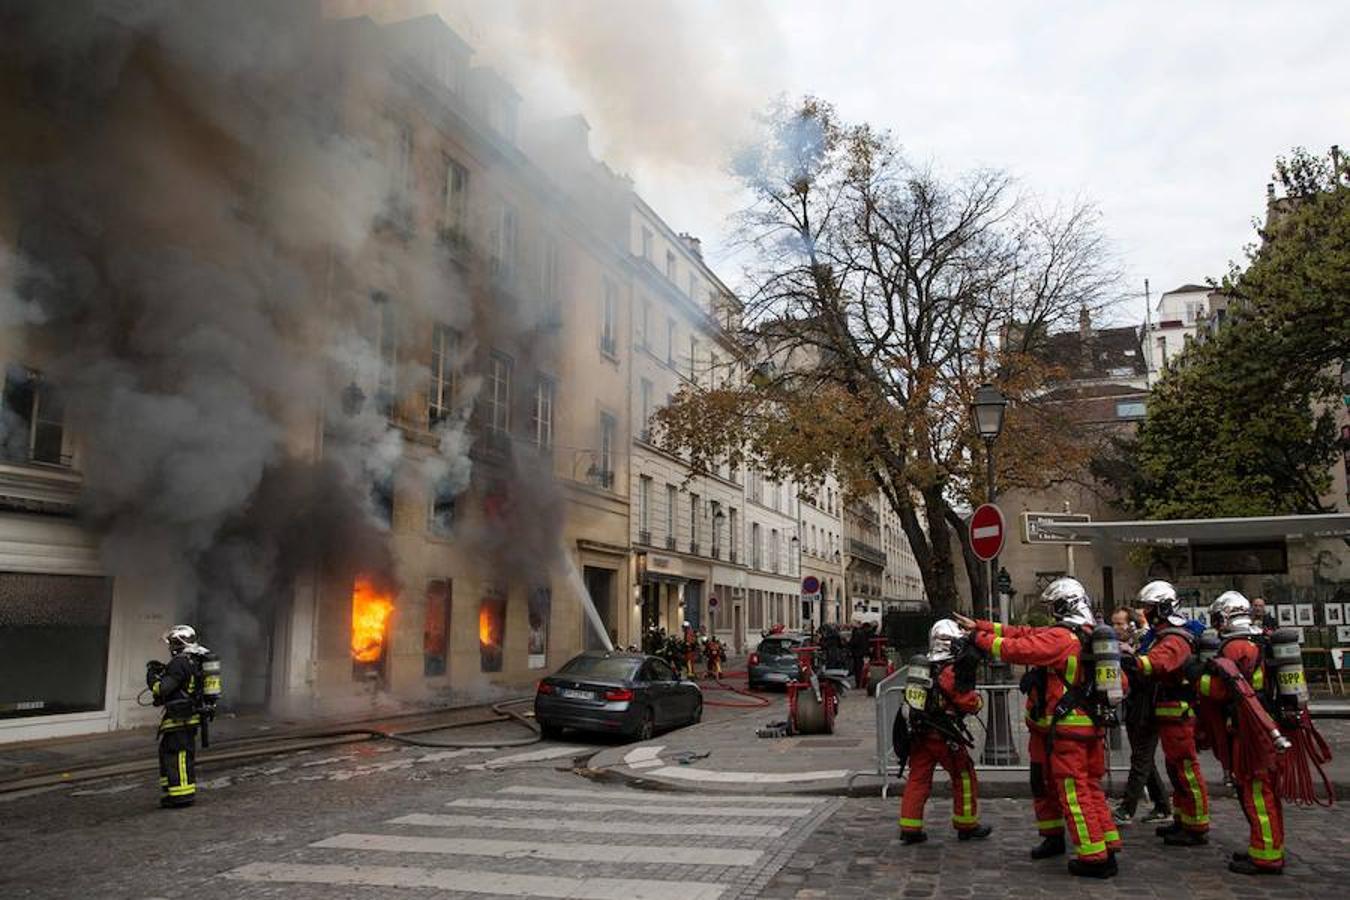 Un incendio ha devastado la librería «La hune», una de las más conocidas de París